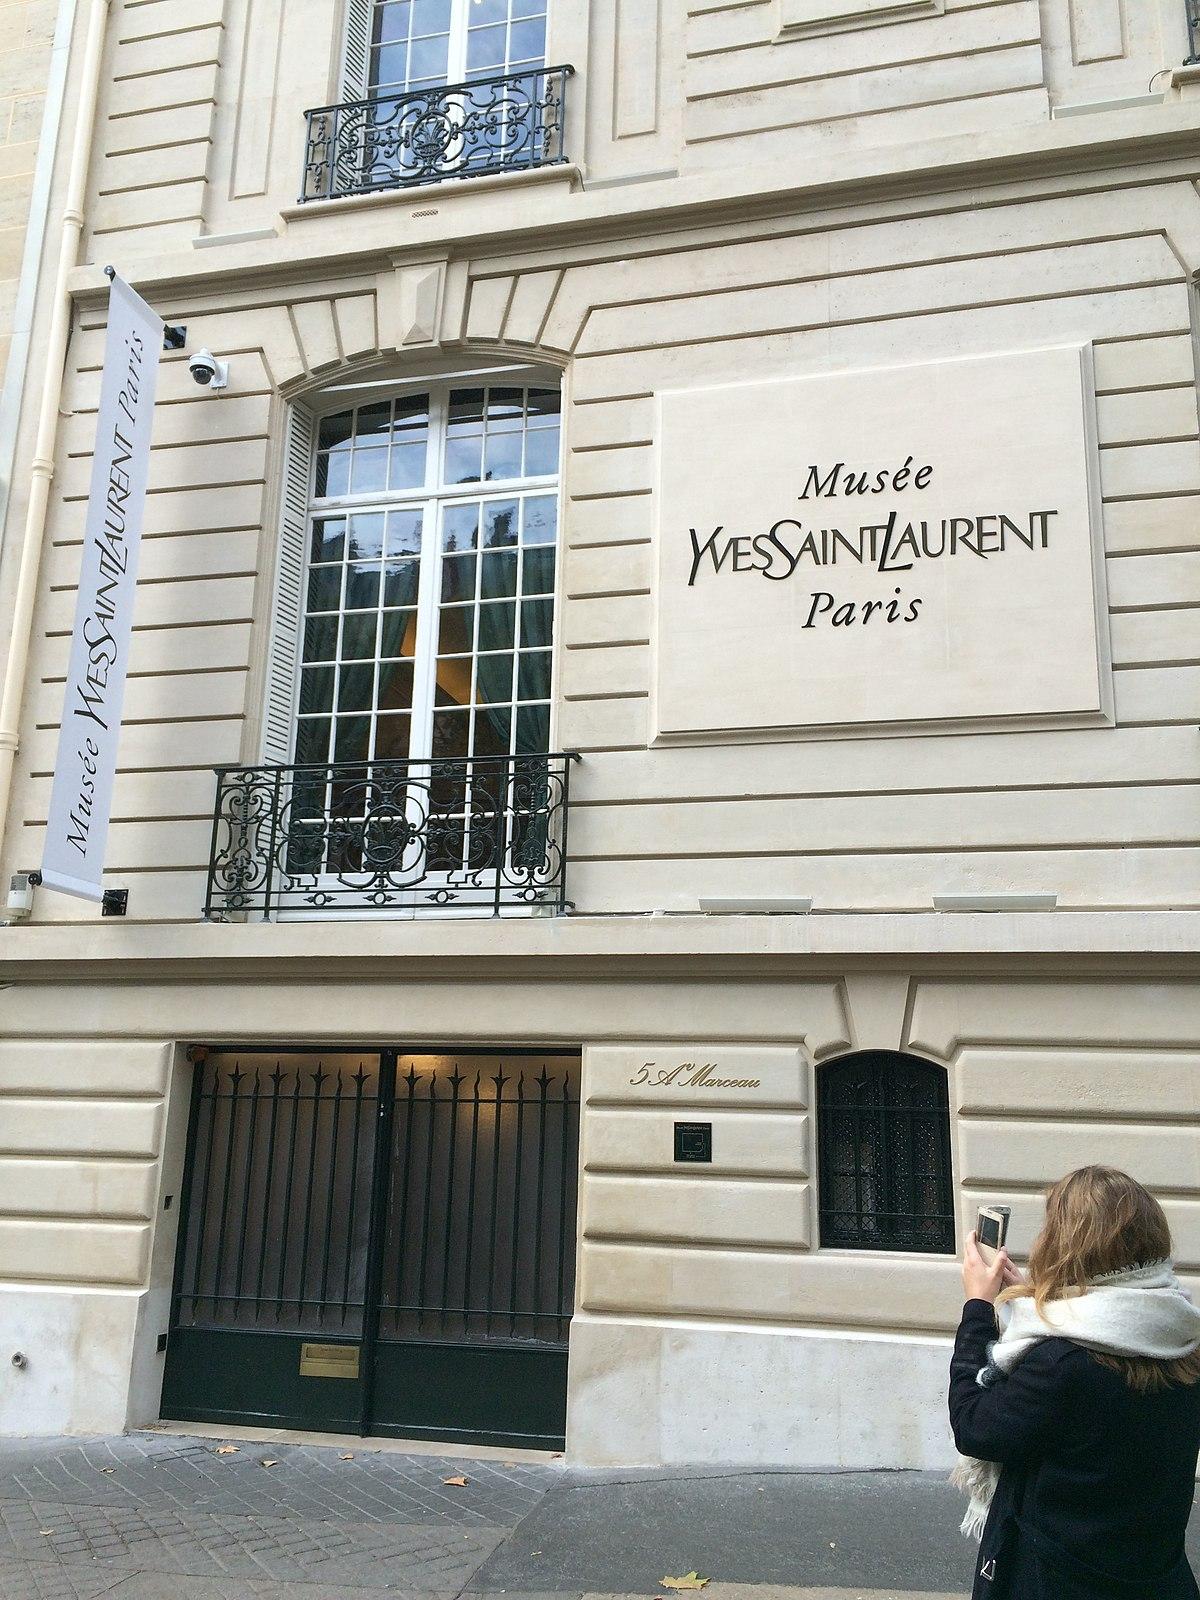 Mus e yves saint laurent de paris wikip dia - Musee yves saint laurent paris ...